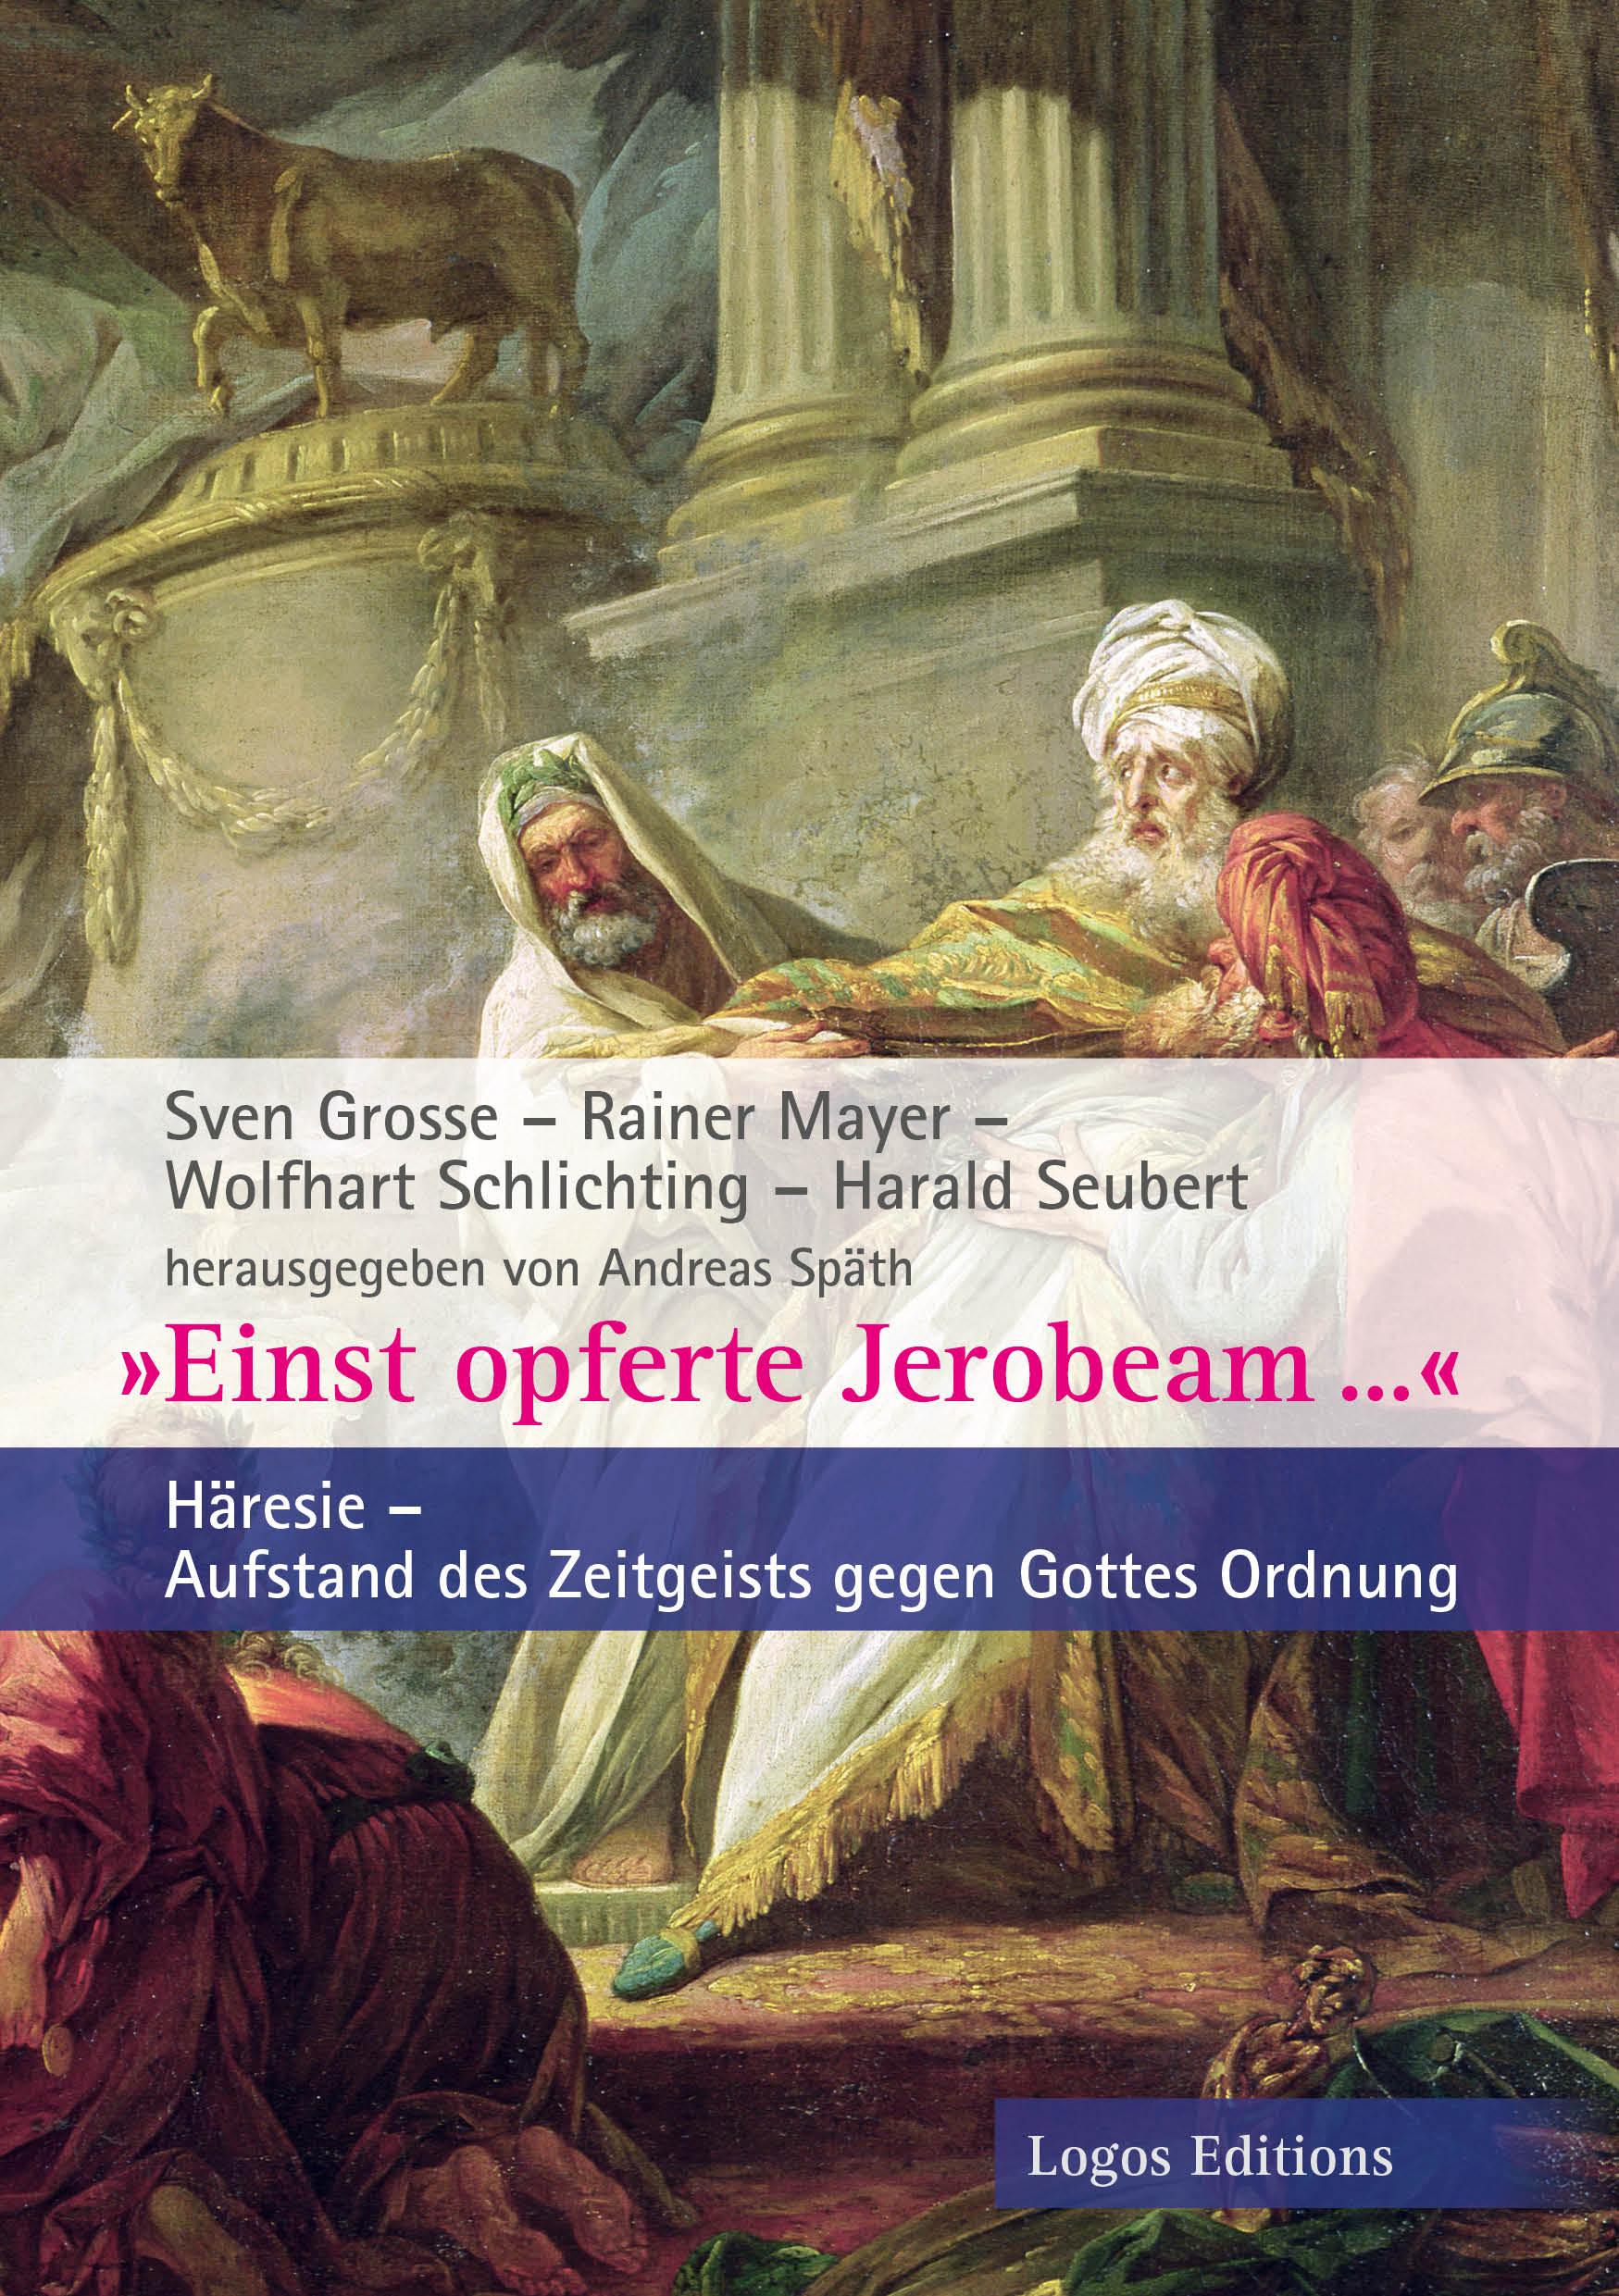 """Sven Grosse / Rainer Mayer /Wolfhart Schlichting / Harald Seubert/ Andreas Späth (Hrsg.) """"Einst opferte Jerobeam …"""", Häresie – Aufstand des Zeitgeists gegen Gottes Ordnung"""